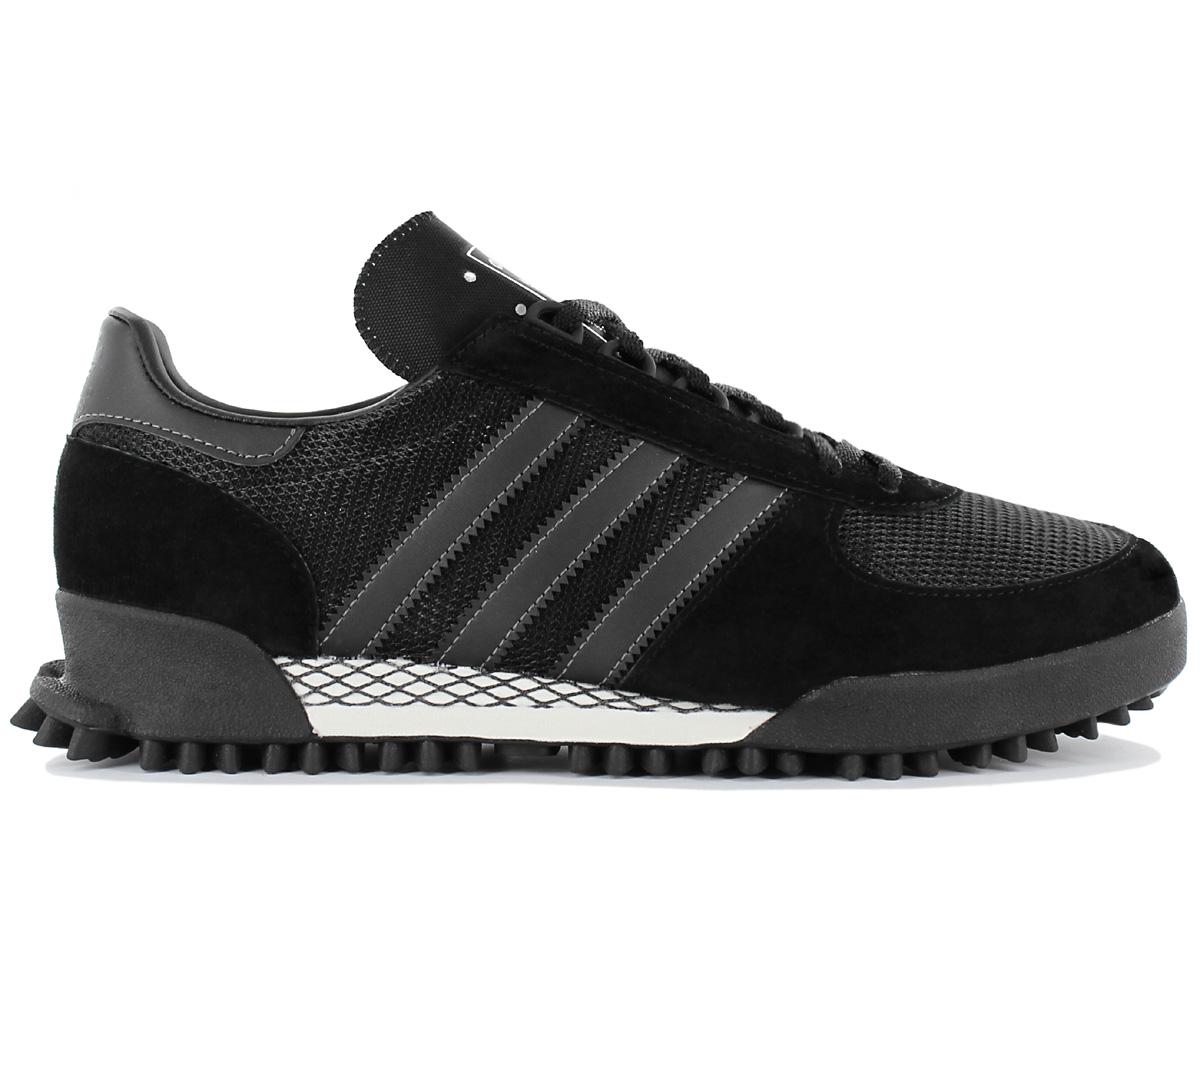 937bda5d659037 adidas Originals Marathon TR Herren Sneaker Retro Schuhe Turnschuhe ...